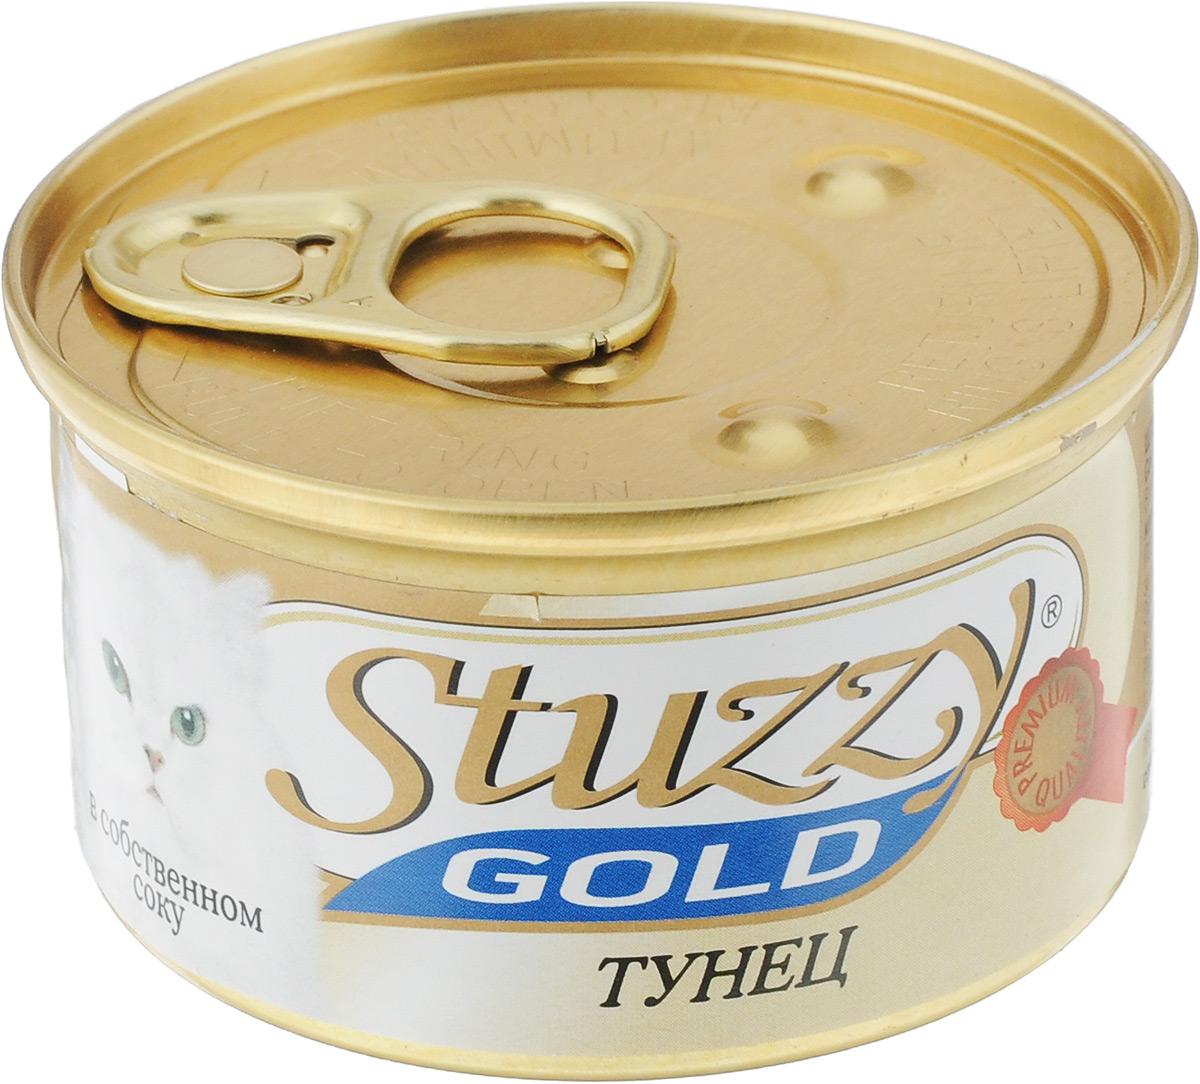 Консервы для кошек Stuzzy Gold, тунец в собственном соку, 85 г0120710Консервы для кошек Stuzzy Gold - это дополнительный рацион для взрослых кошек. Корм обогащен таурином и витамином Е для поддержания правильной работы сердца и иммунной системы. Инулин обеспечивает всасывание питательных веществ, а биотин способствуют великолепному внешнему виду кожи и шерсти. Корм приготовлен на пару, не содержит красителей и консервантов.Товар сертифицирован.